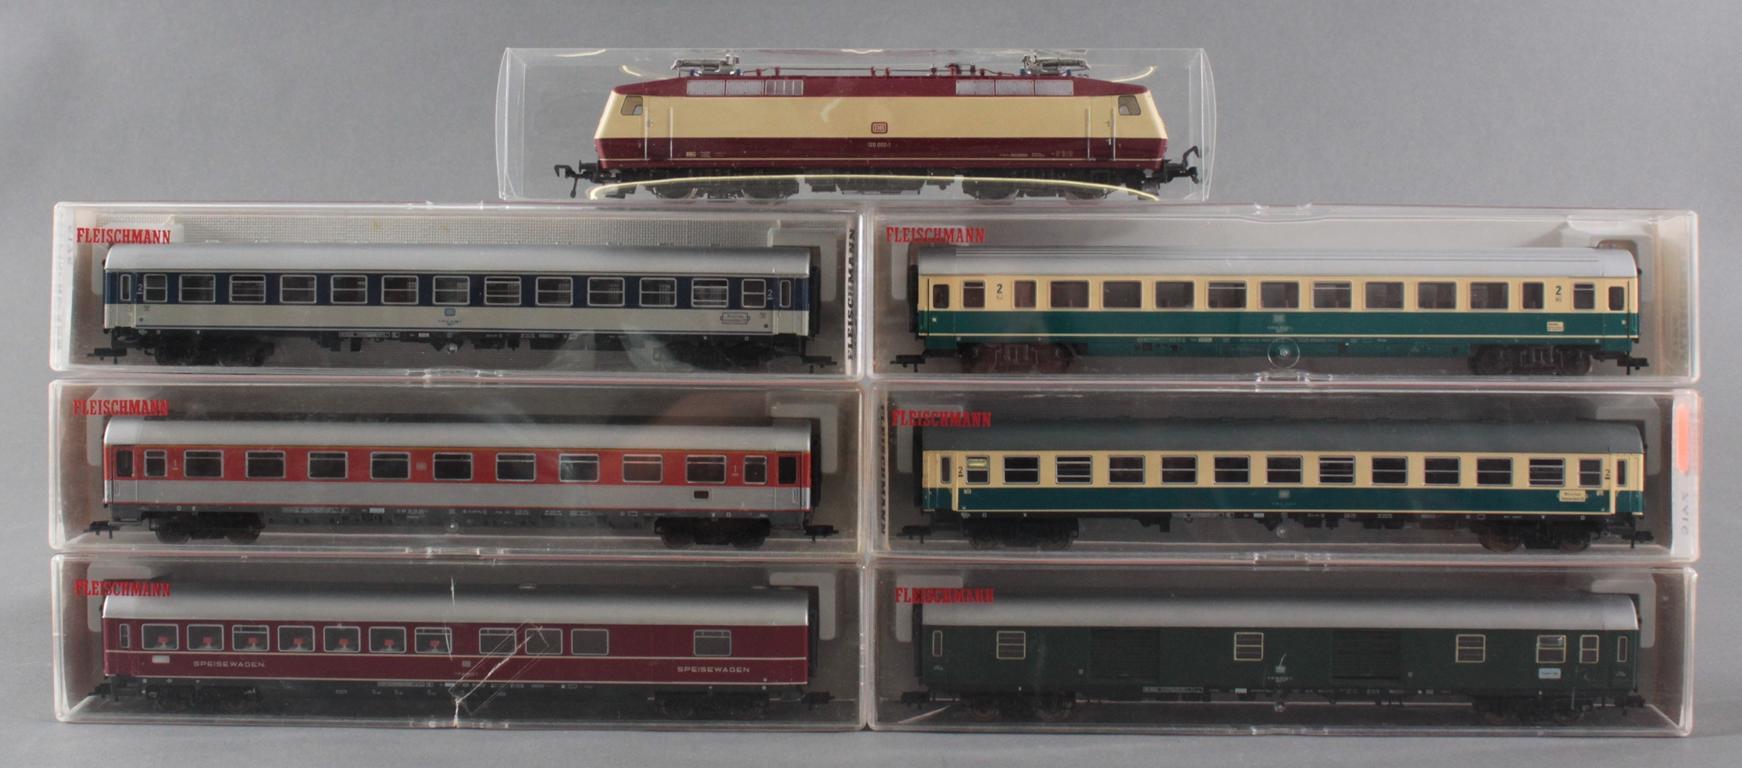 Fleischmann H0 E-Lok 120 002-1  mit 6 Fleischmann Güterwaggons